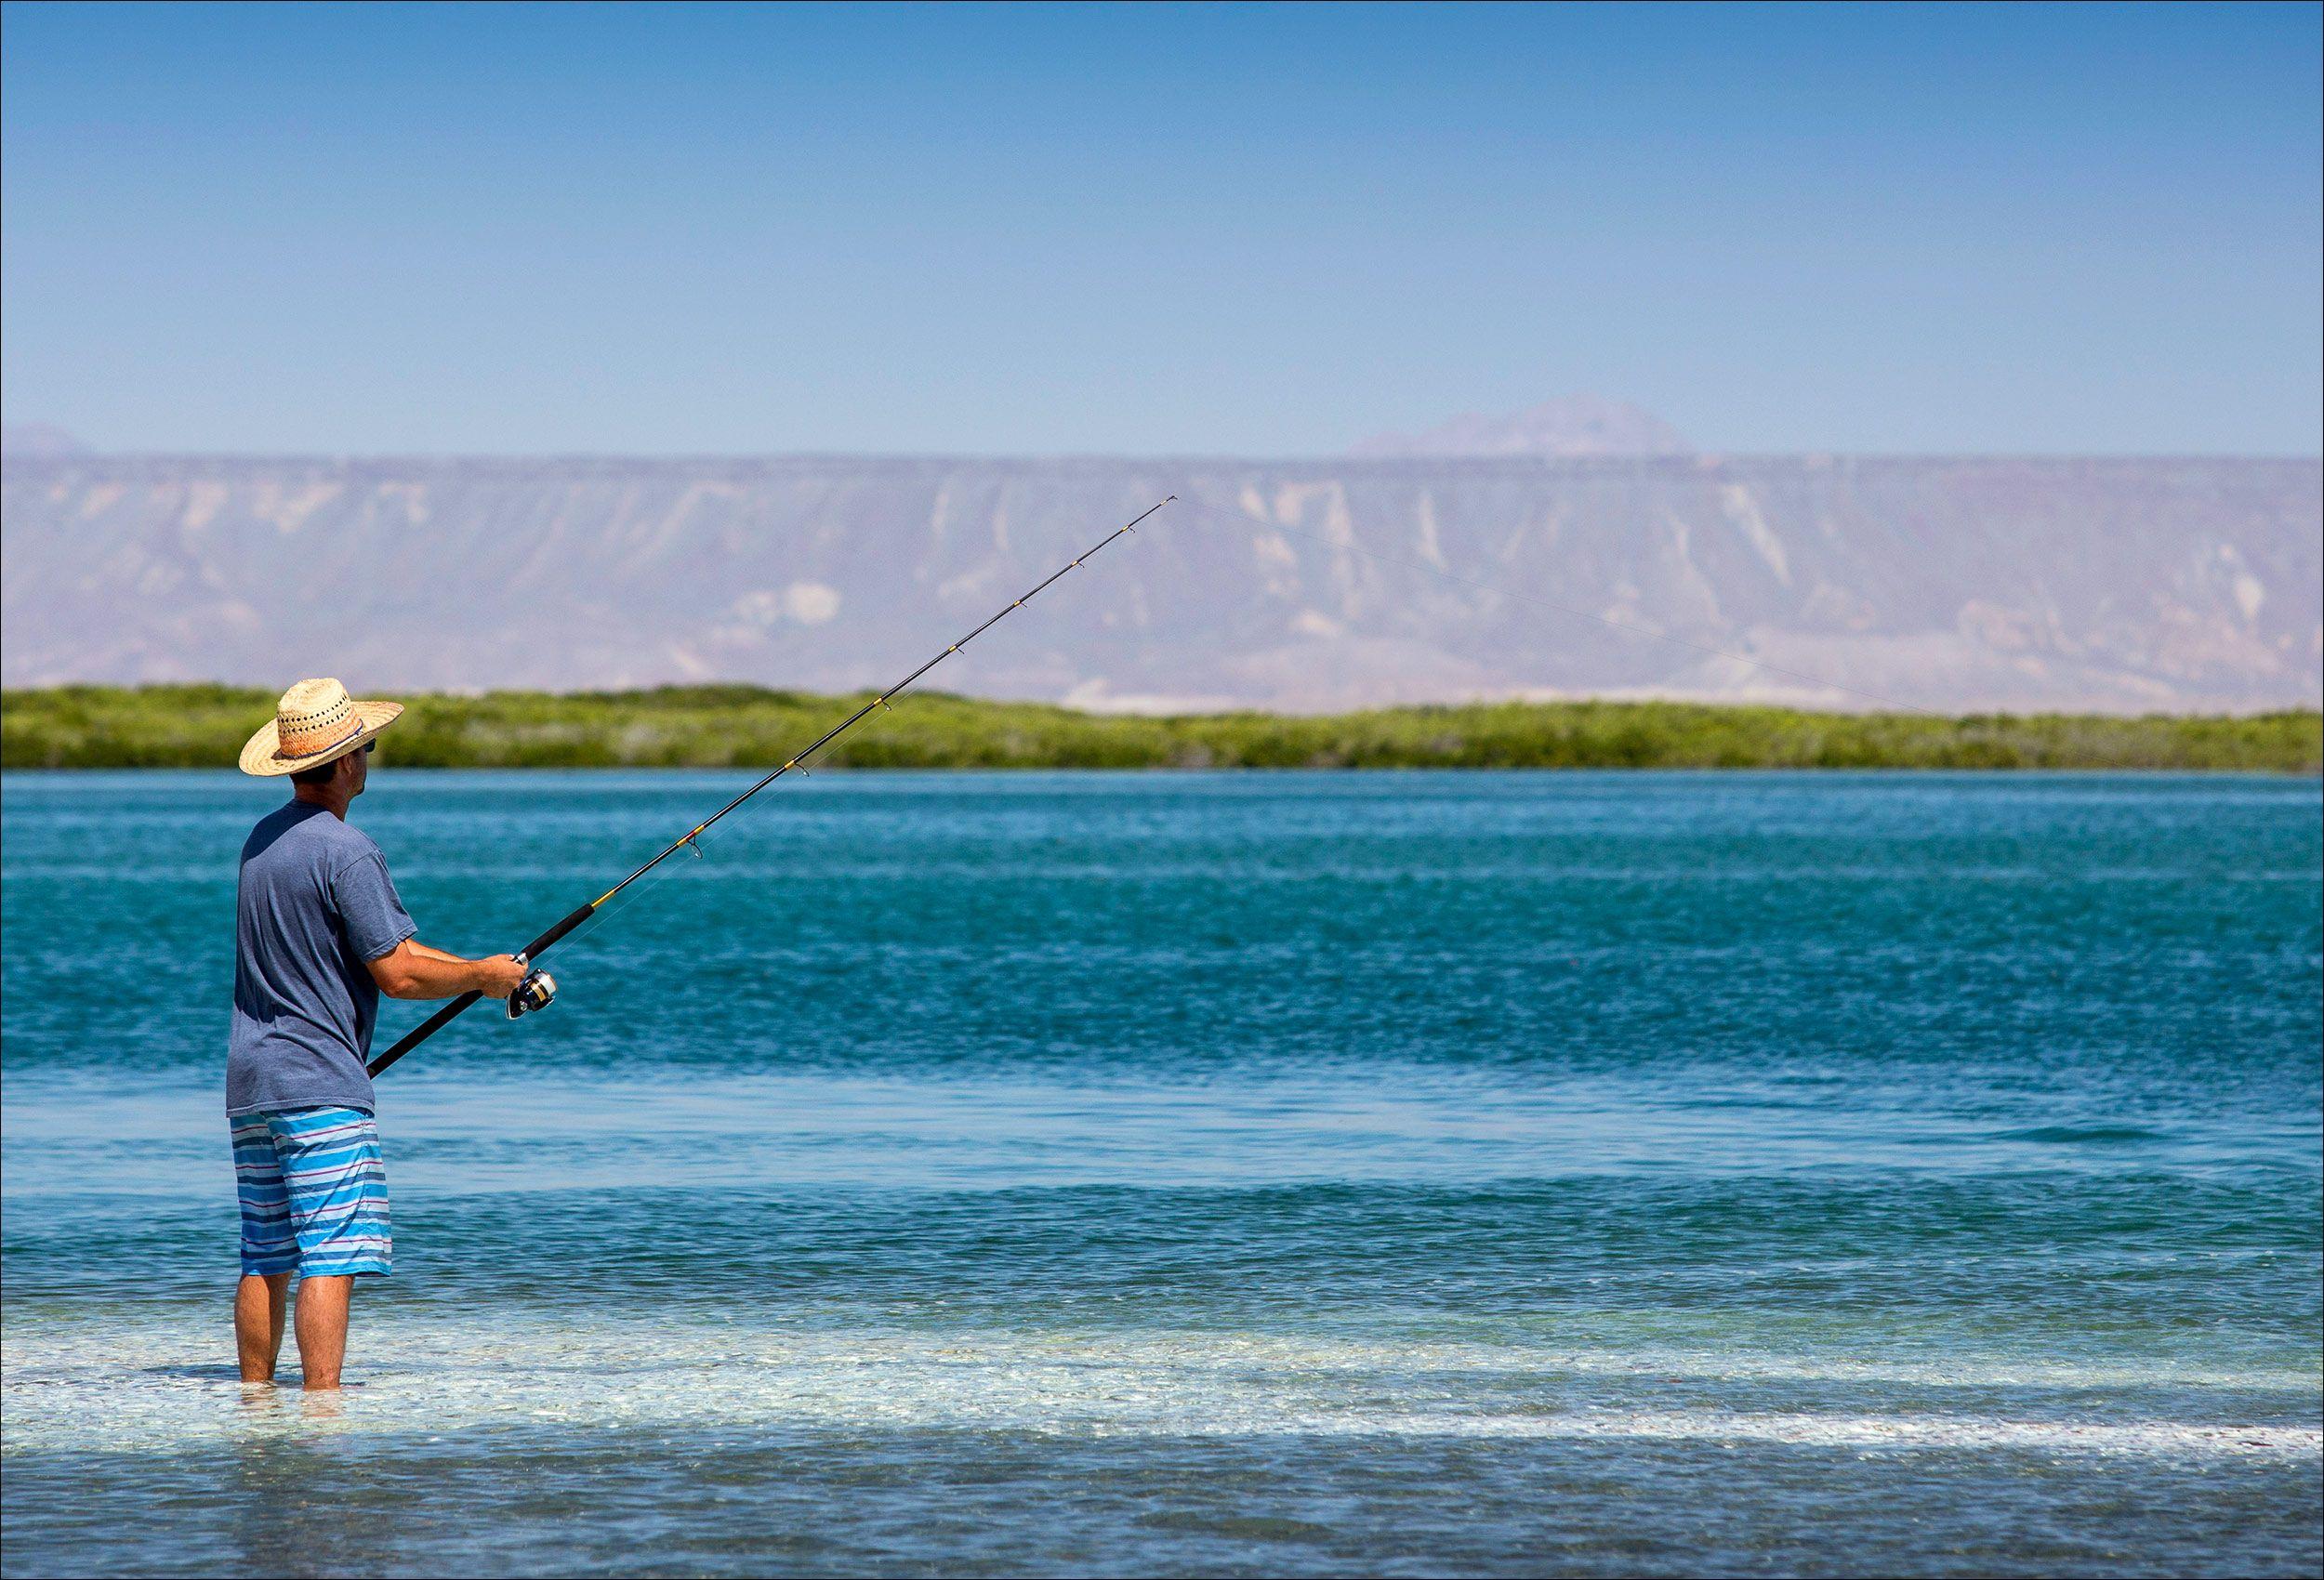 TheEstero_FishingPhotography_Baja.jpg